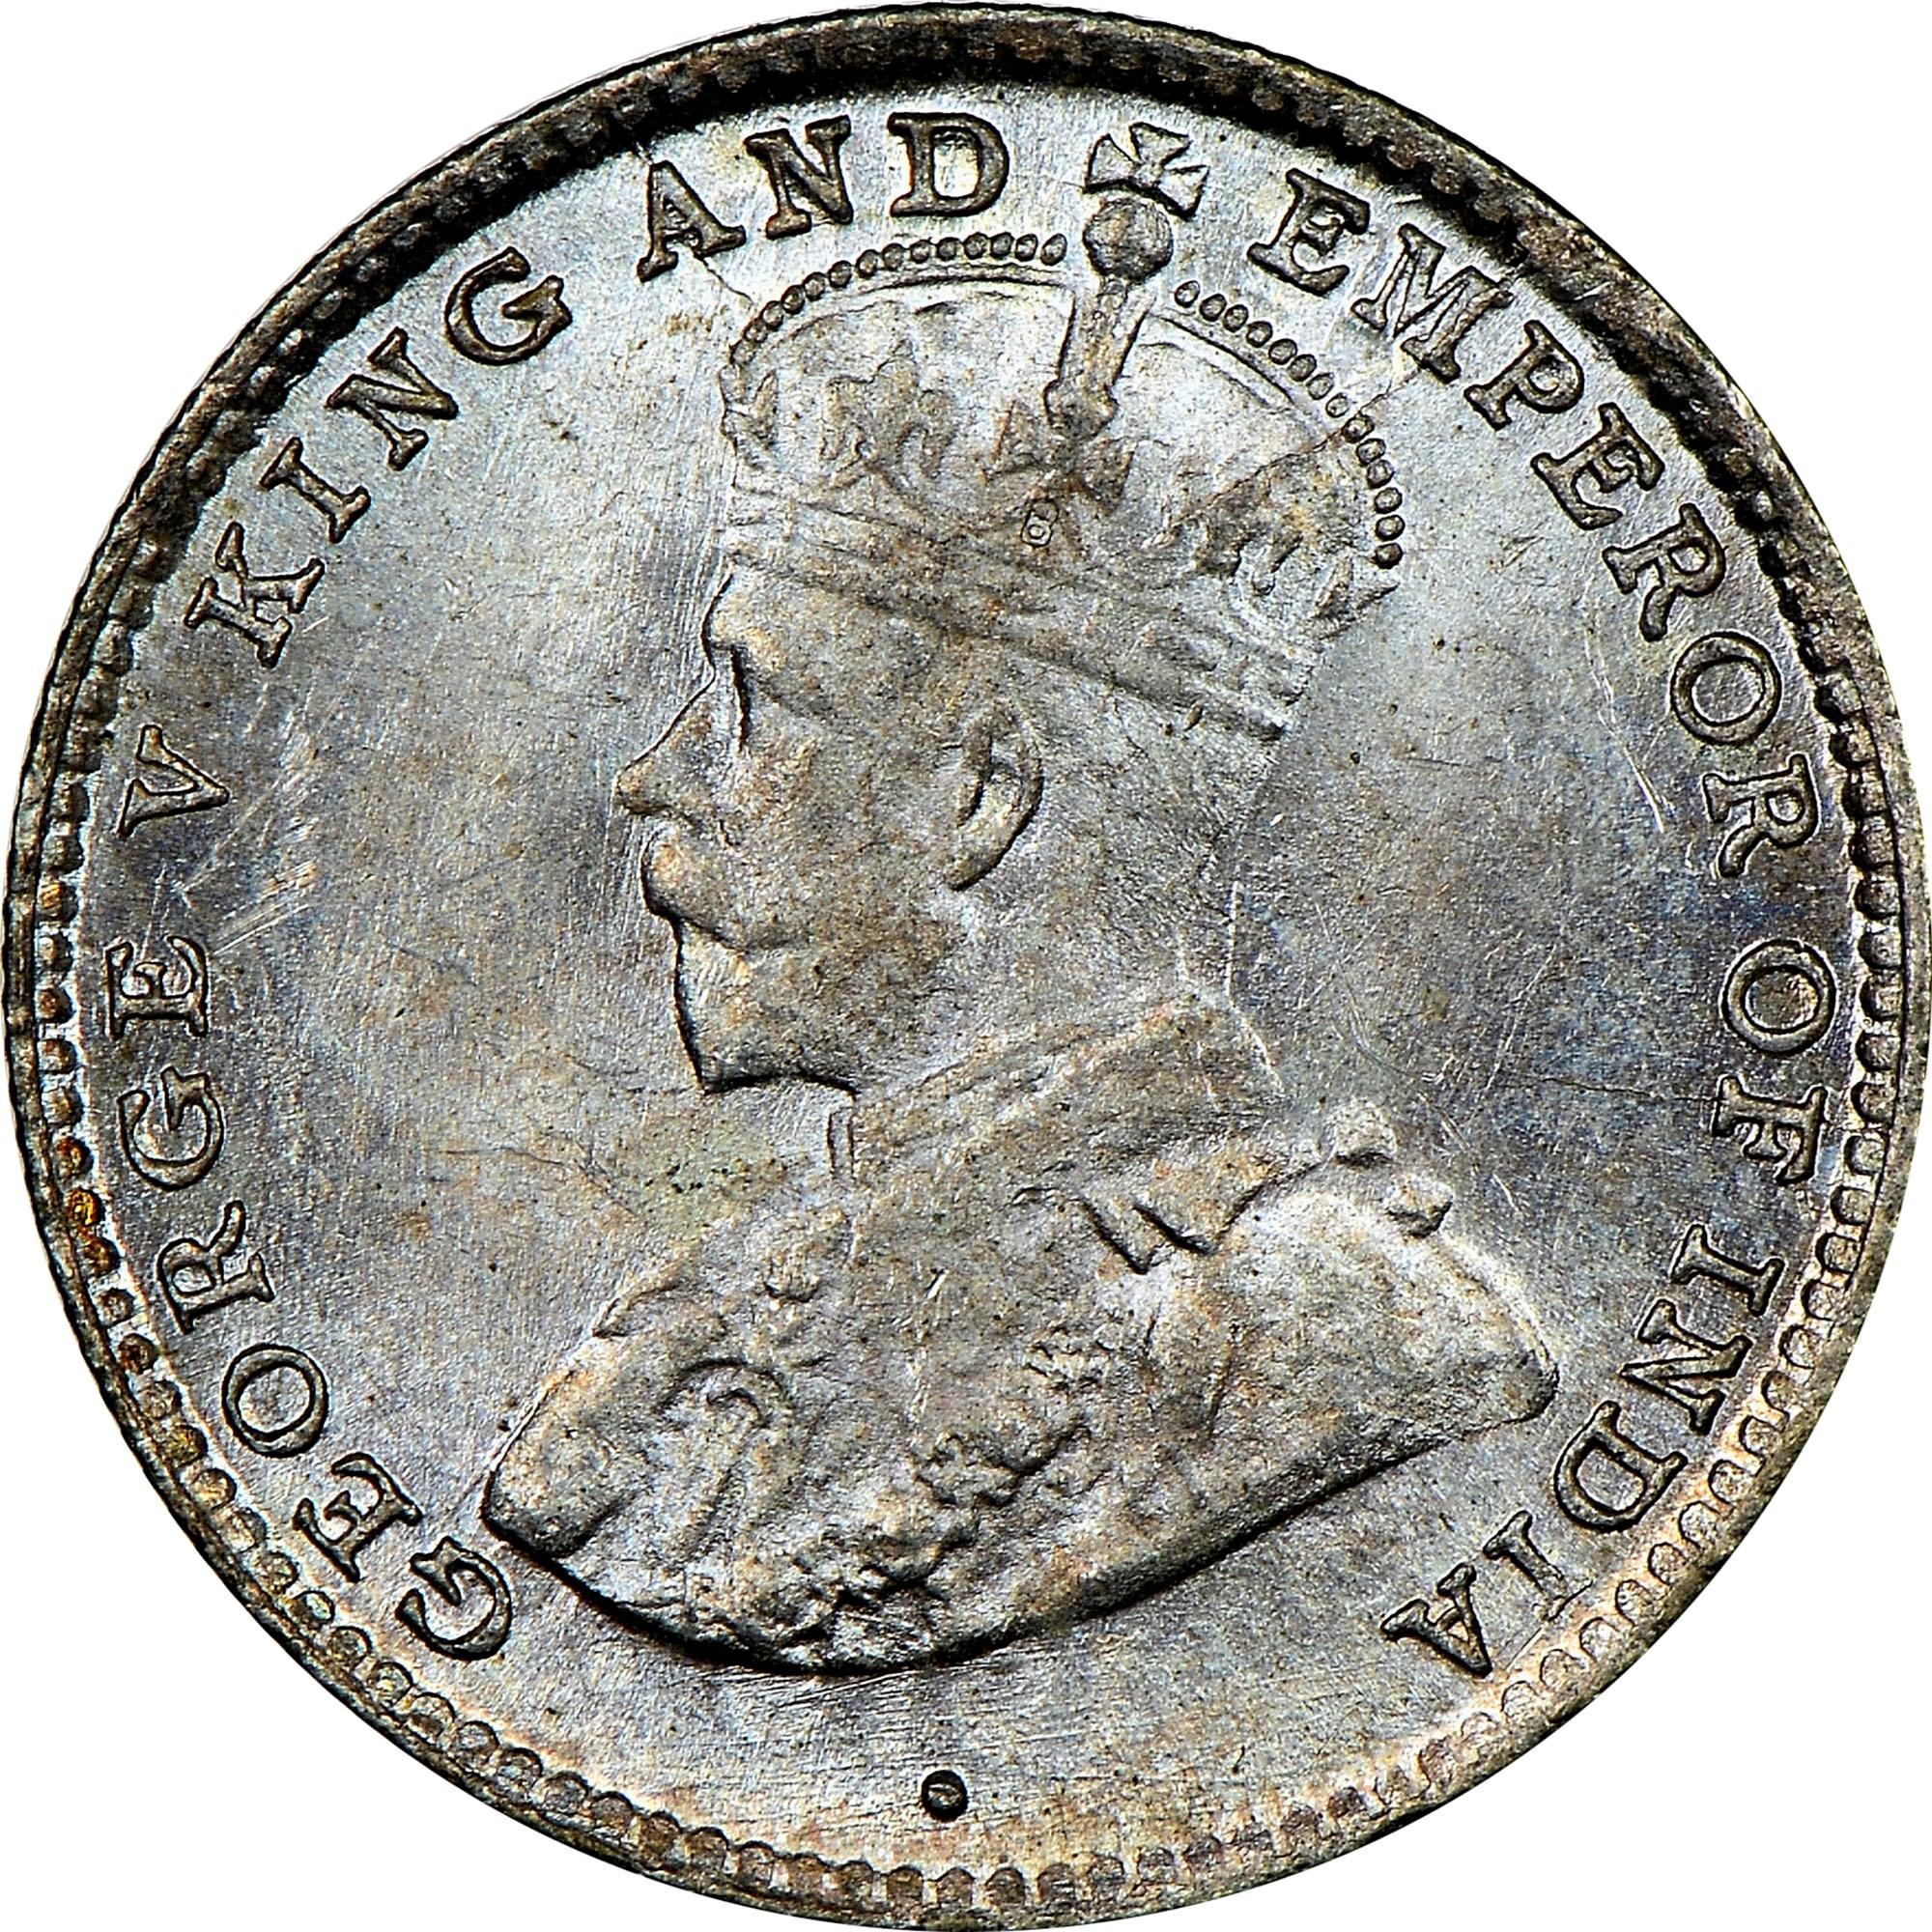 Ceylon 10 Cents obverse